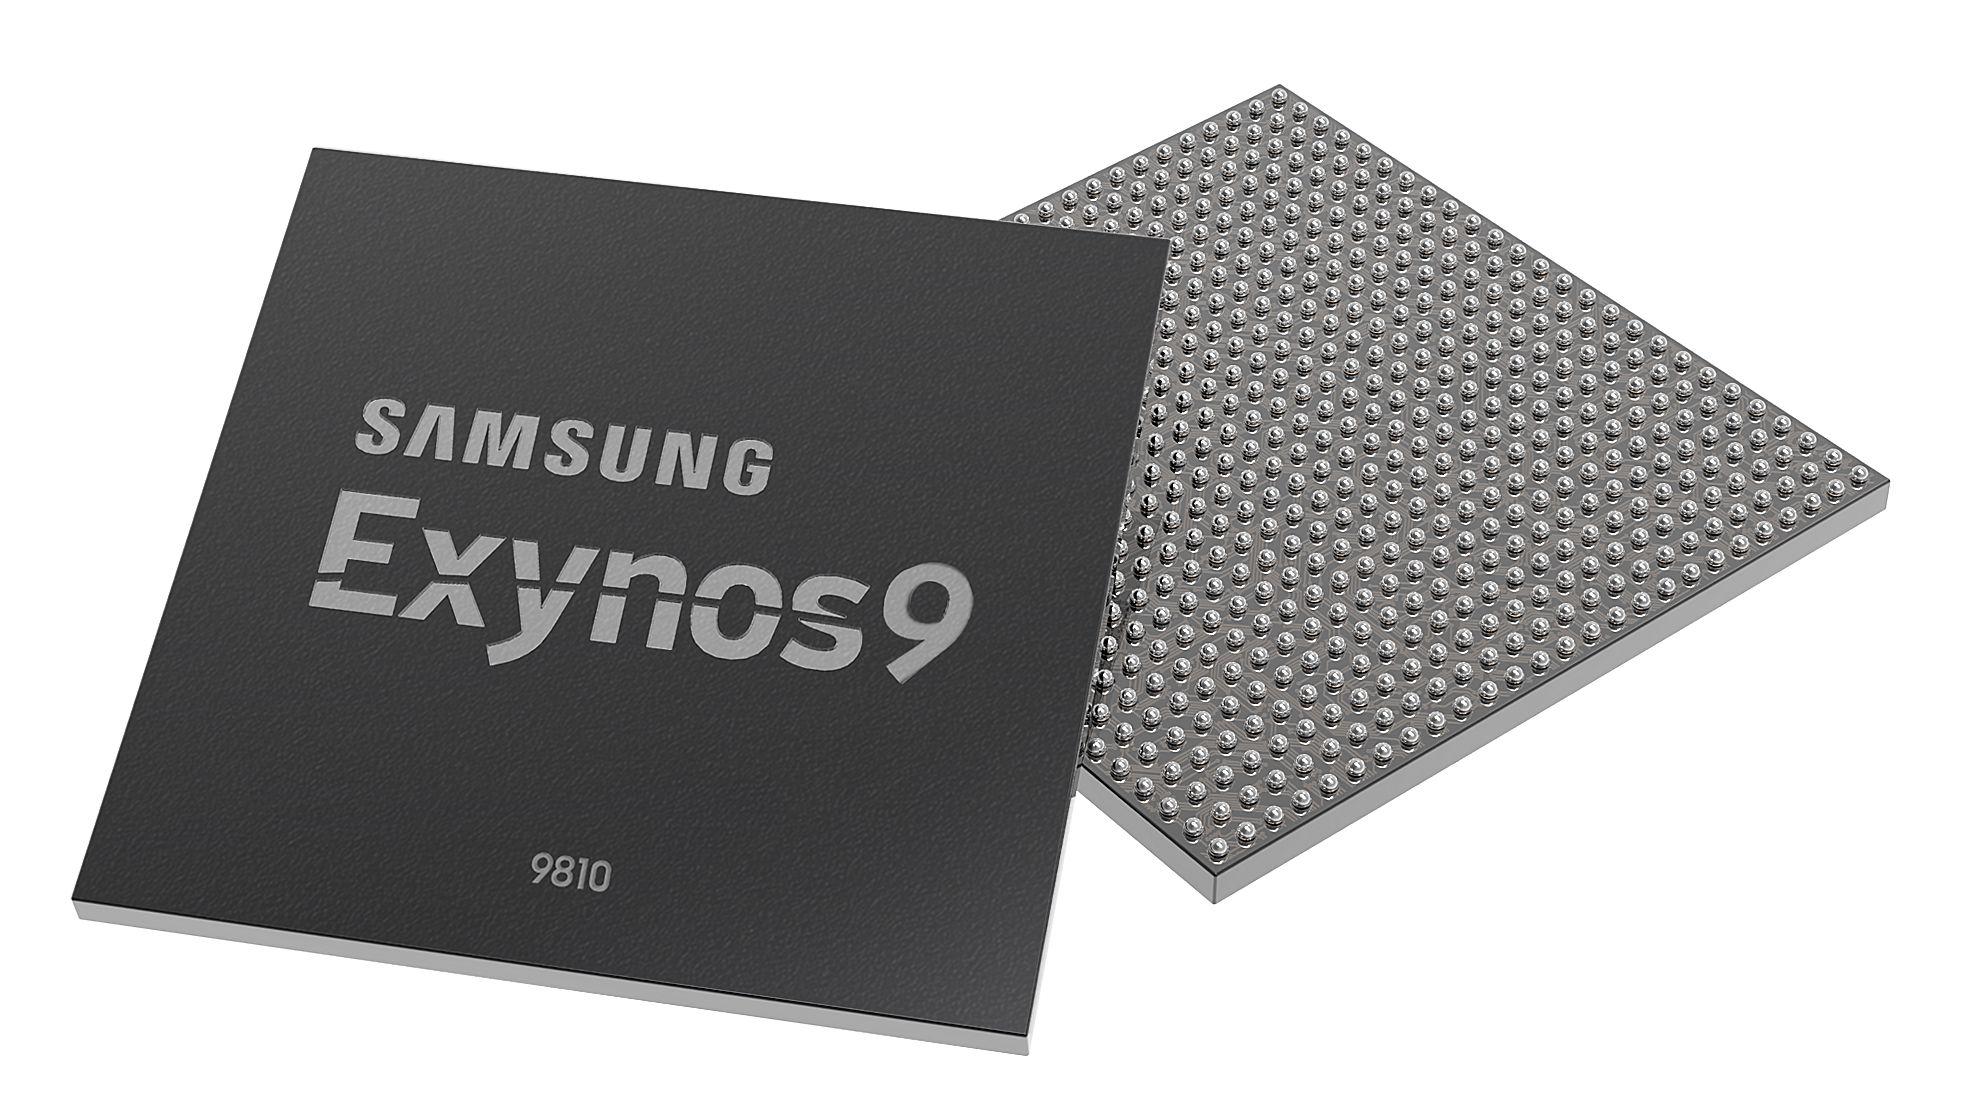 Nye detaljer om Samsungs nye prosessor avslører iPhone X-lignende funksjoner